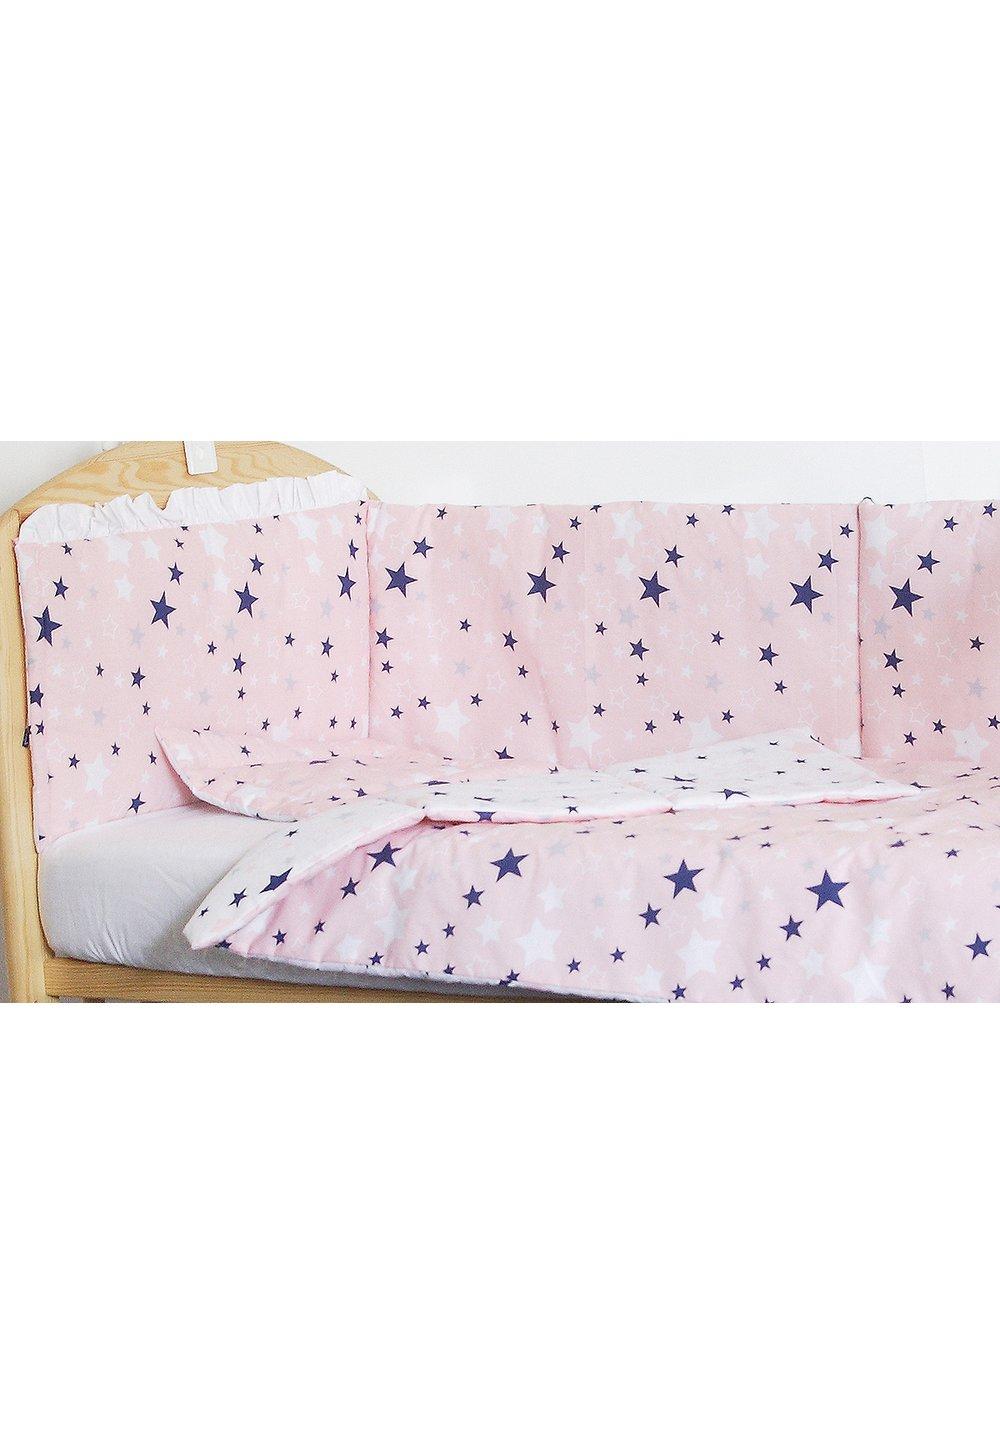 Lenjerie patut, 4 piese, 2 fete, stelutele roz, 120 x 60 cm imagine